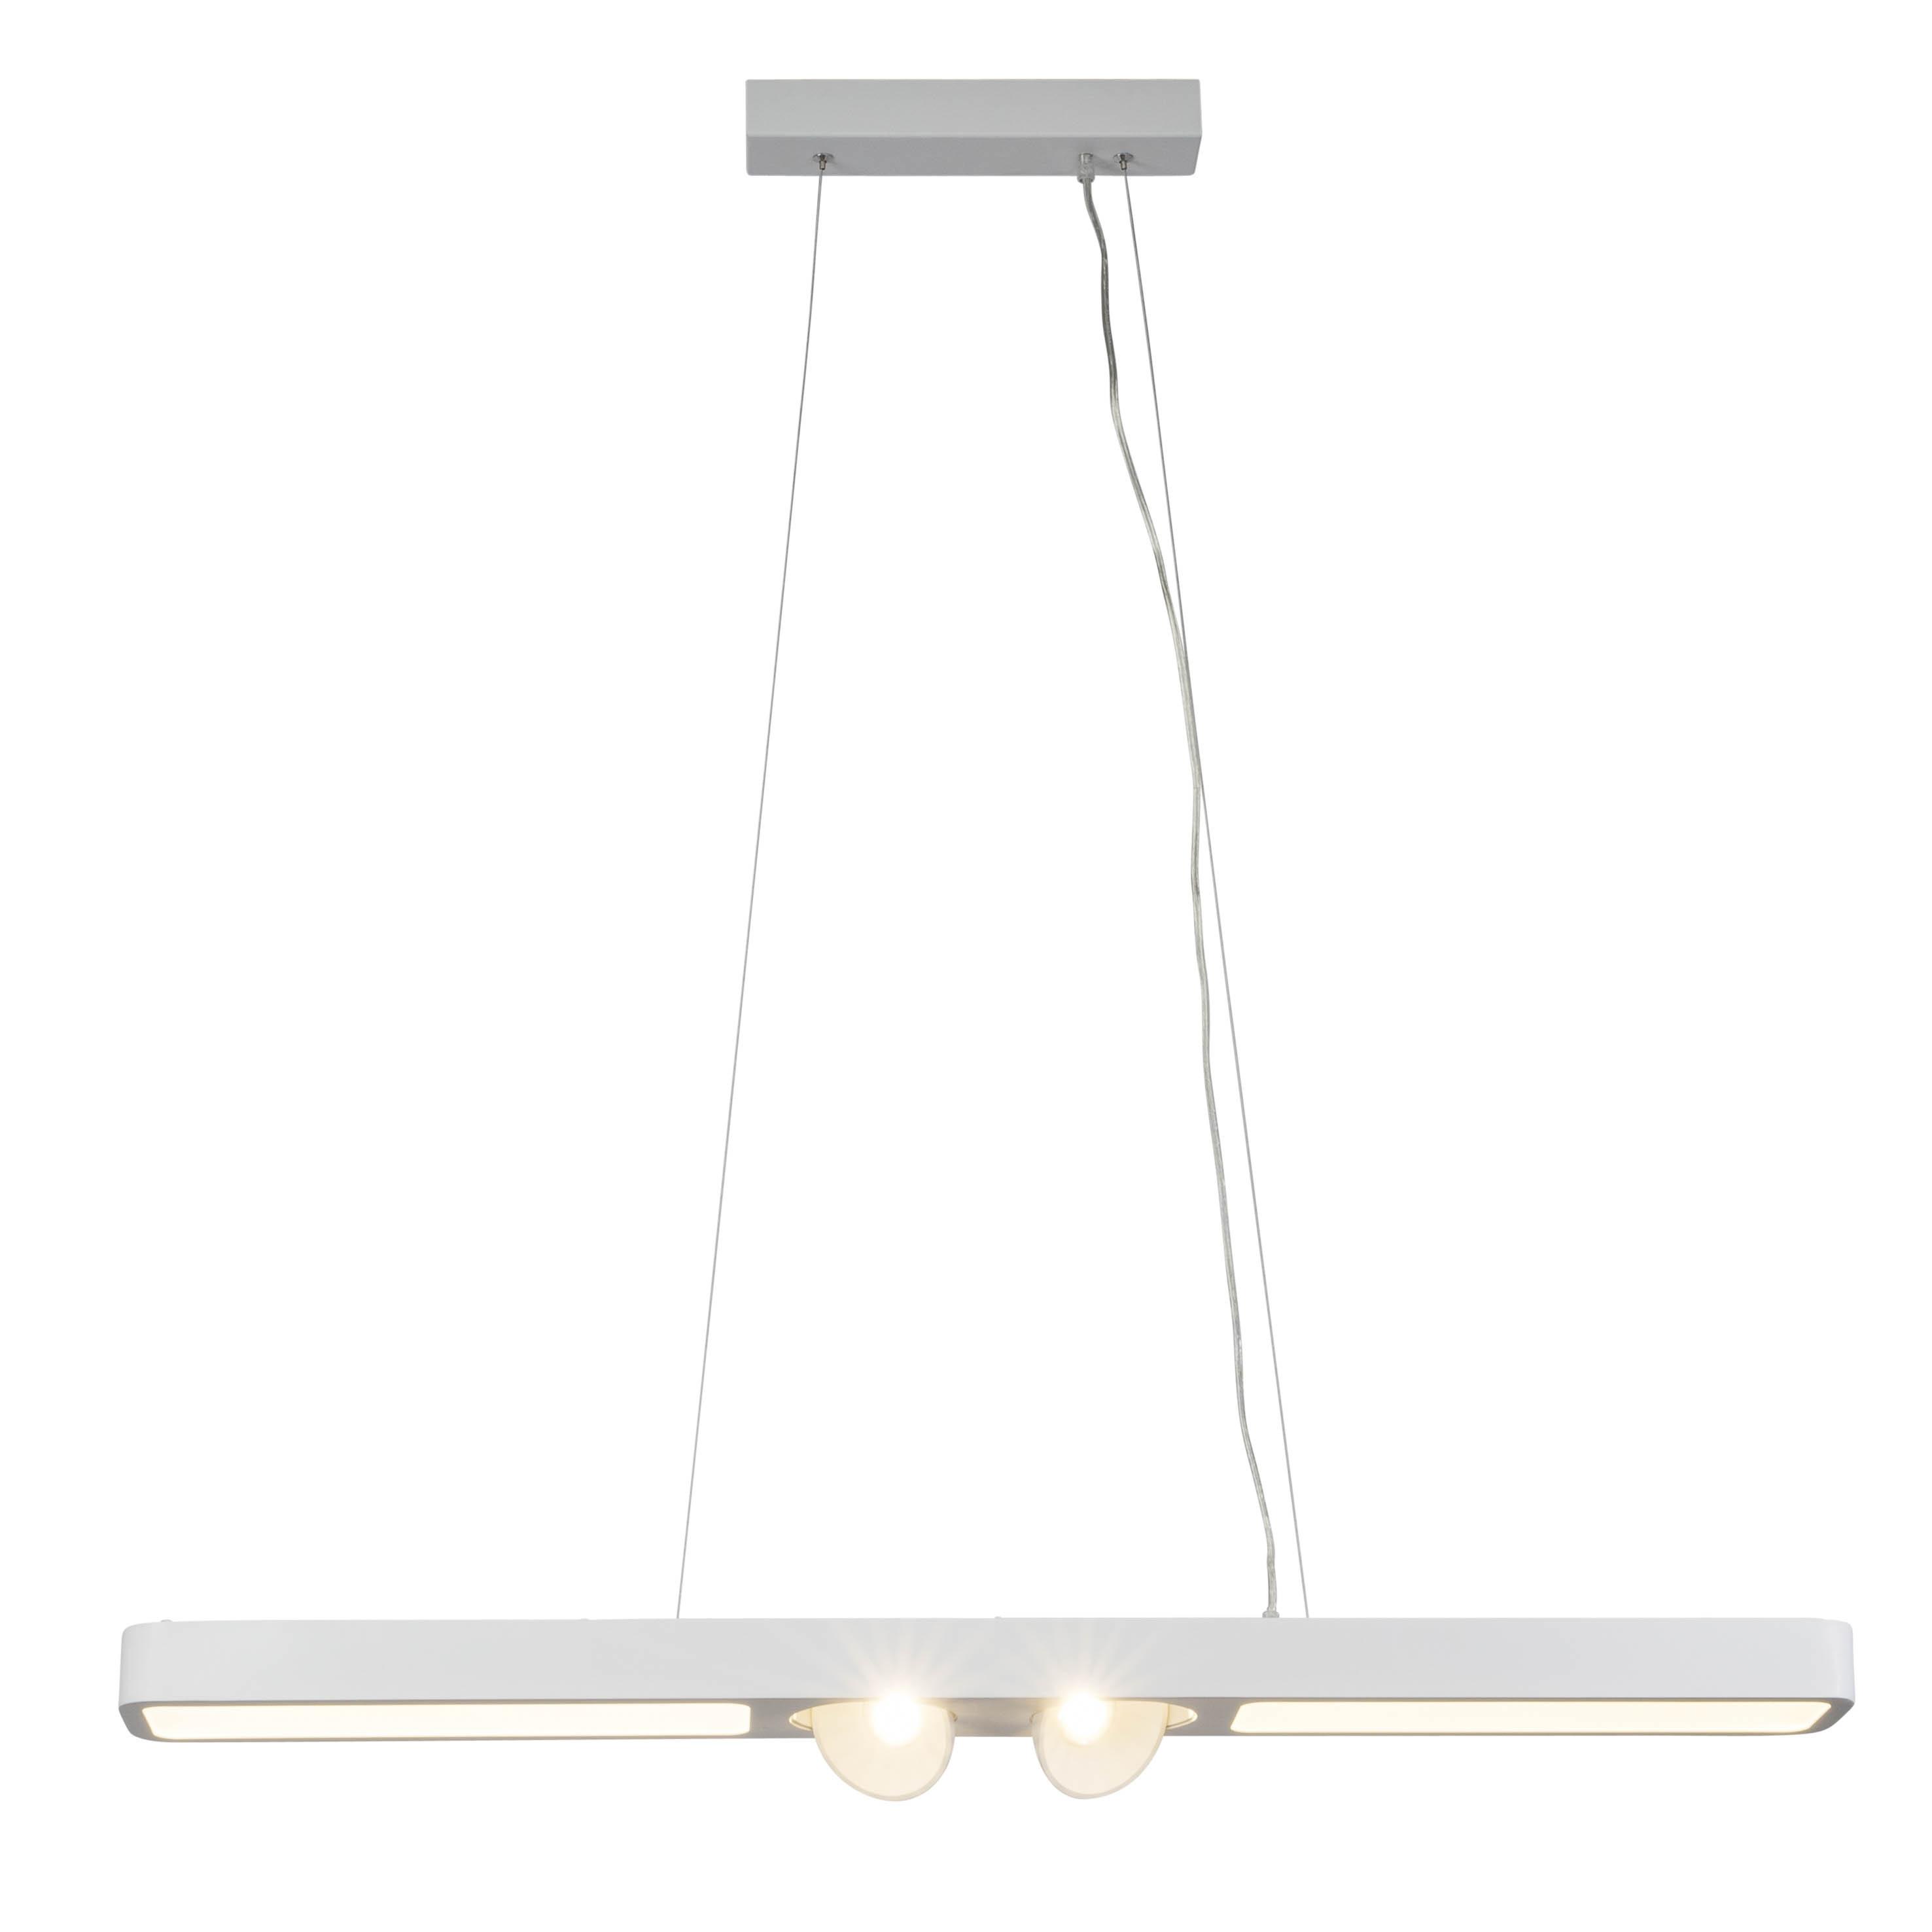 AEG Leca LED Pendelleuchte 108cm 4flg weiß